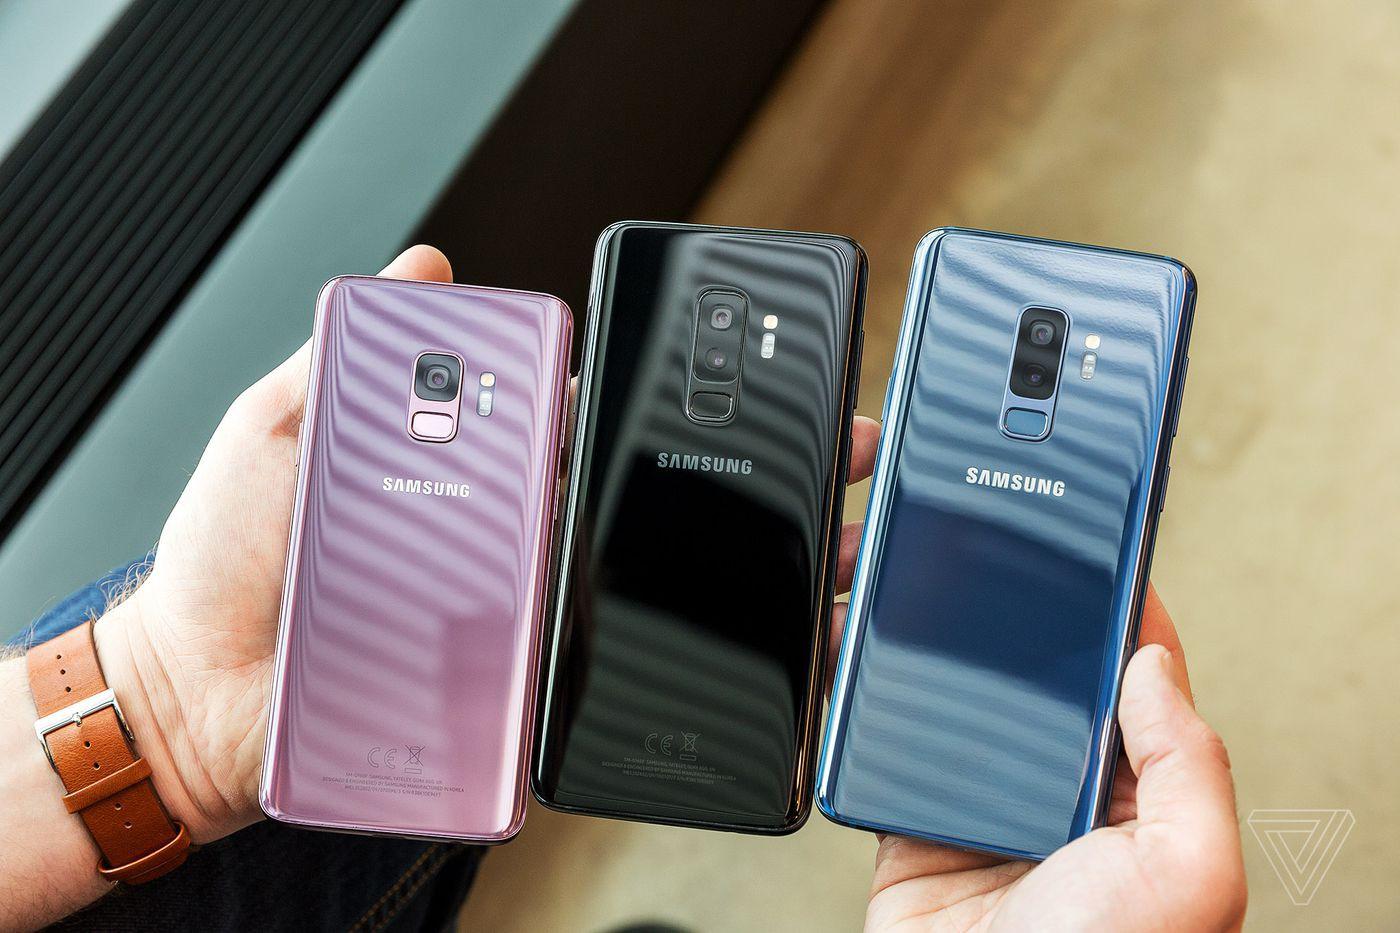 Bộ đôi Galaxy S9 và S9+ chính thức ra mắt: camera có thể thay đổi khẩu độ, quay video siêu chậm 960 khung hình/giây, có thêm màu tím Lilac mới - Ảnh 9.